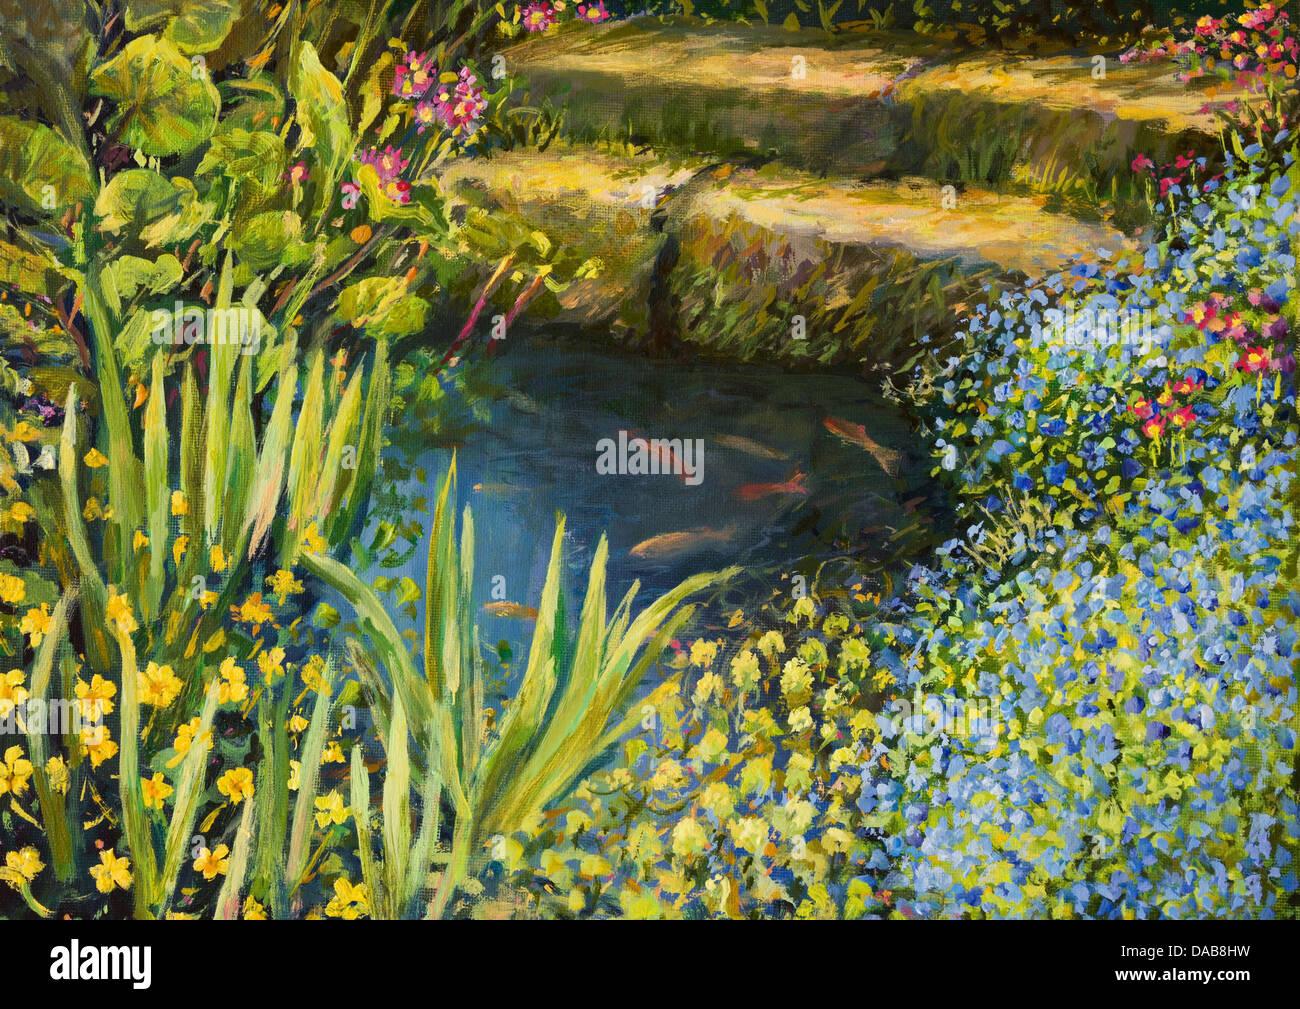 Un dipinto ad olio su tela di una piccola e tranquilla laghetto con pesci e coloratissimi fiori che sbocciano. Immagini Stock